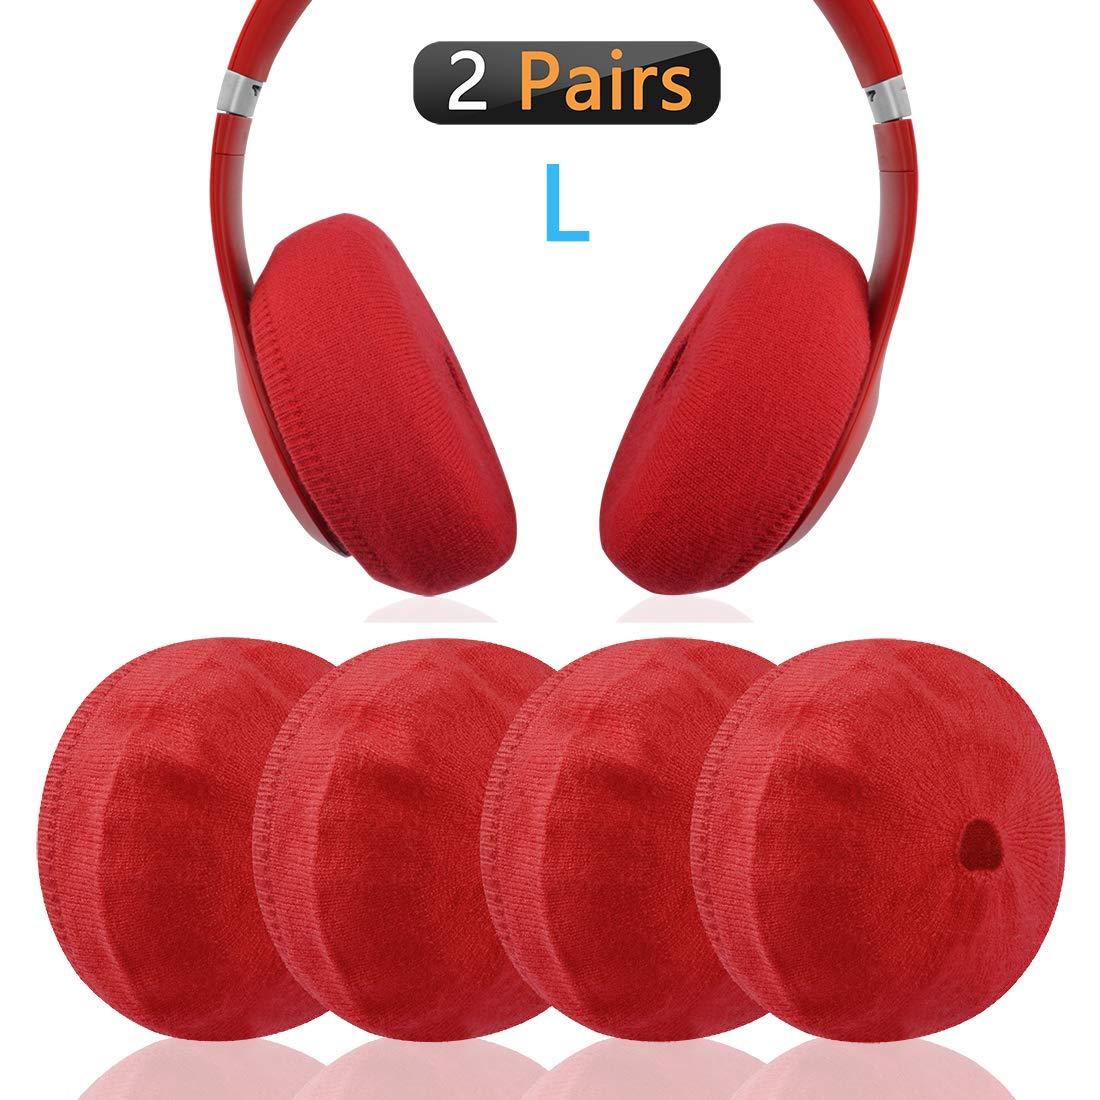 Cover Almohadillas Auriculares Beats Studio Studio 3, Rojo